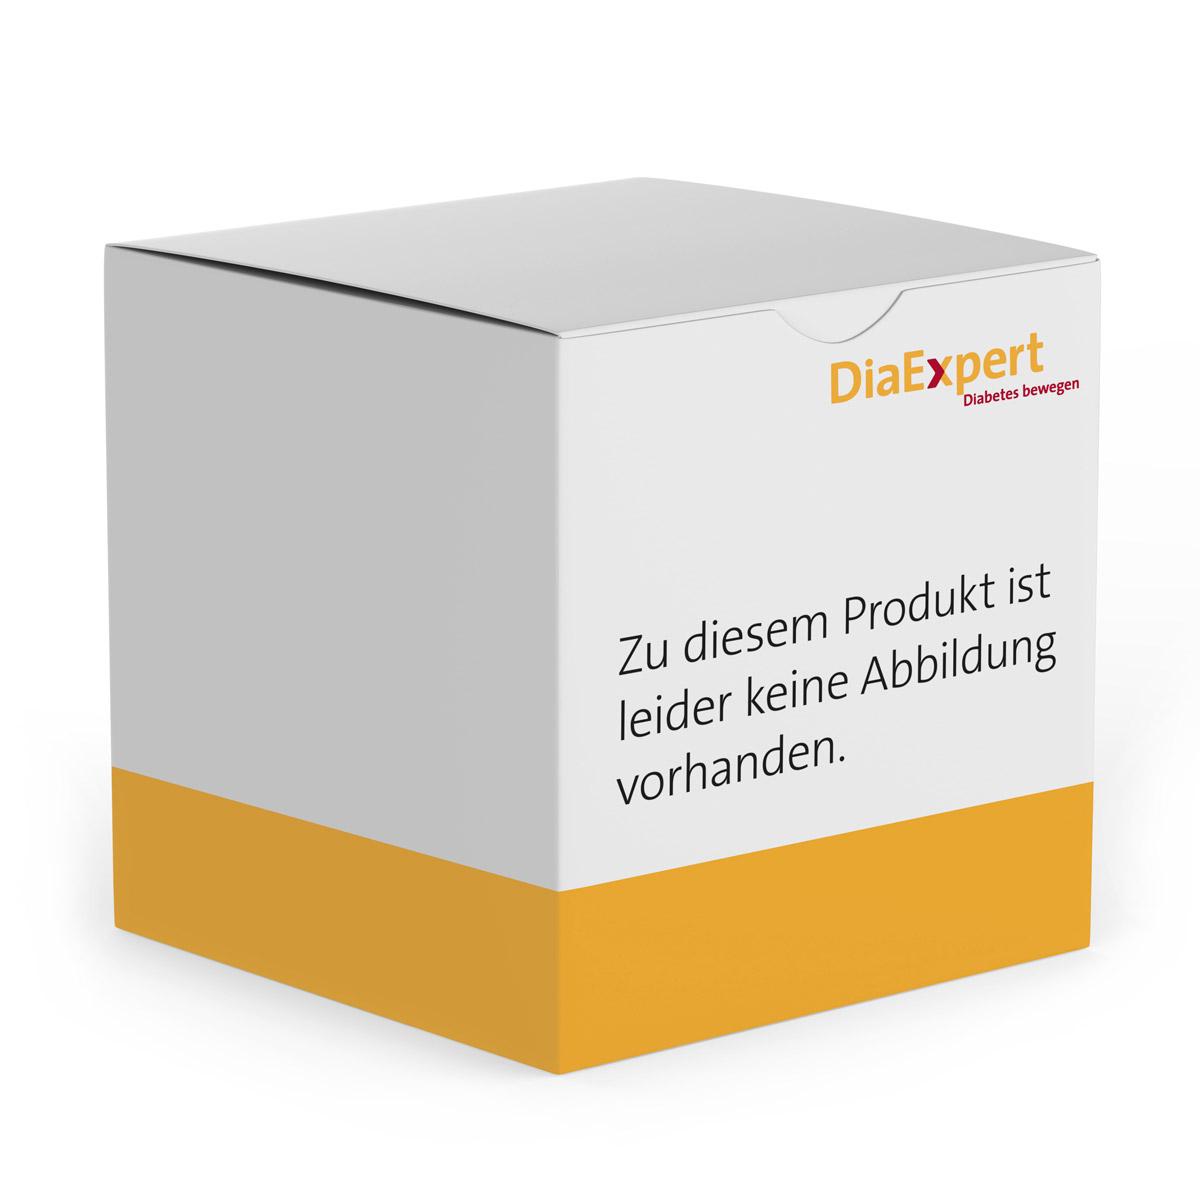 Contour Next Link 2.4 mg/dL für MiniMed 640G